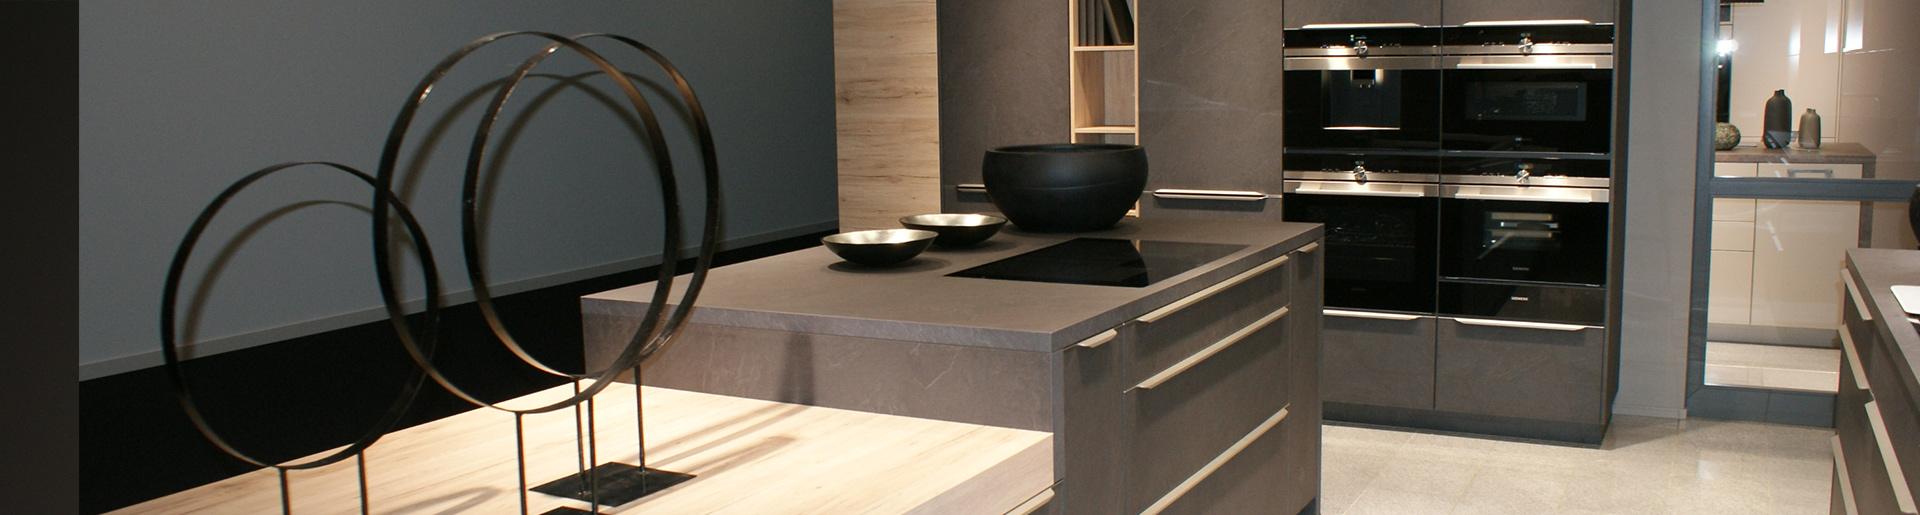 Küche in Betonoptik im Küchenstudio Cottbus